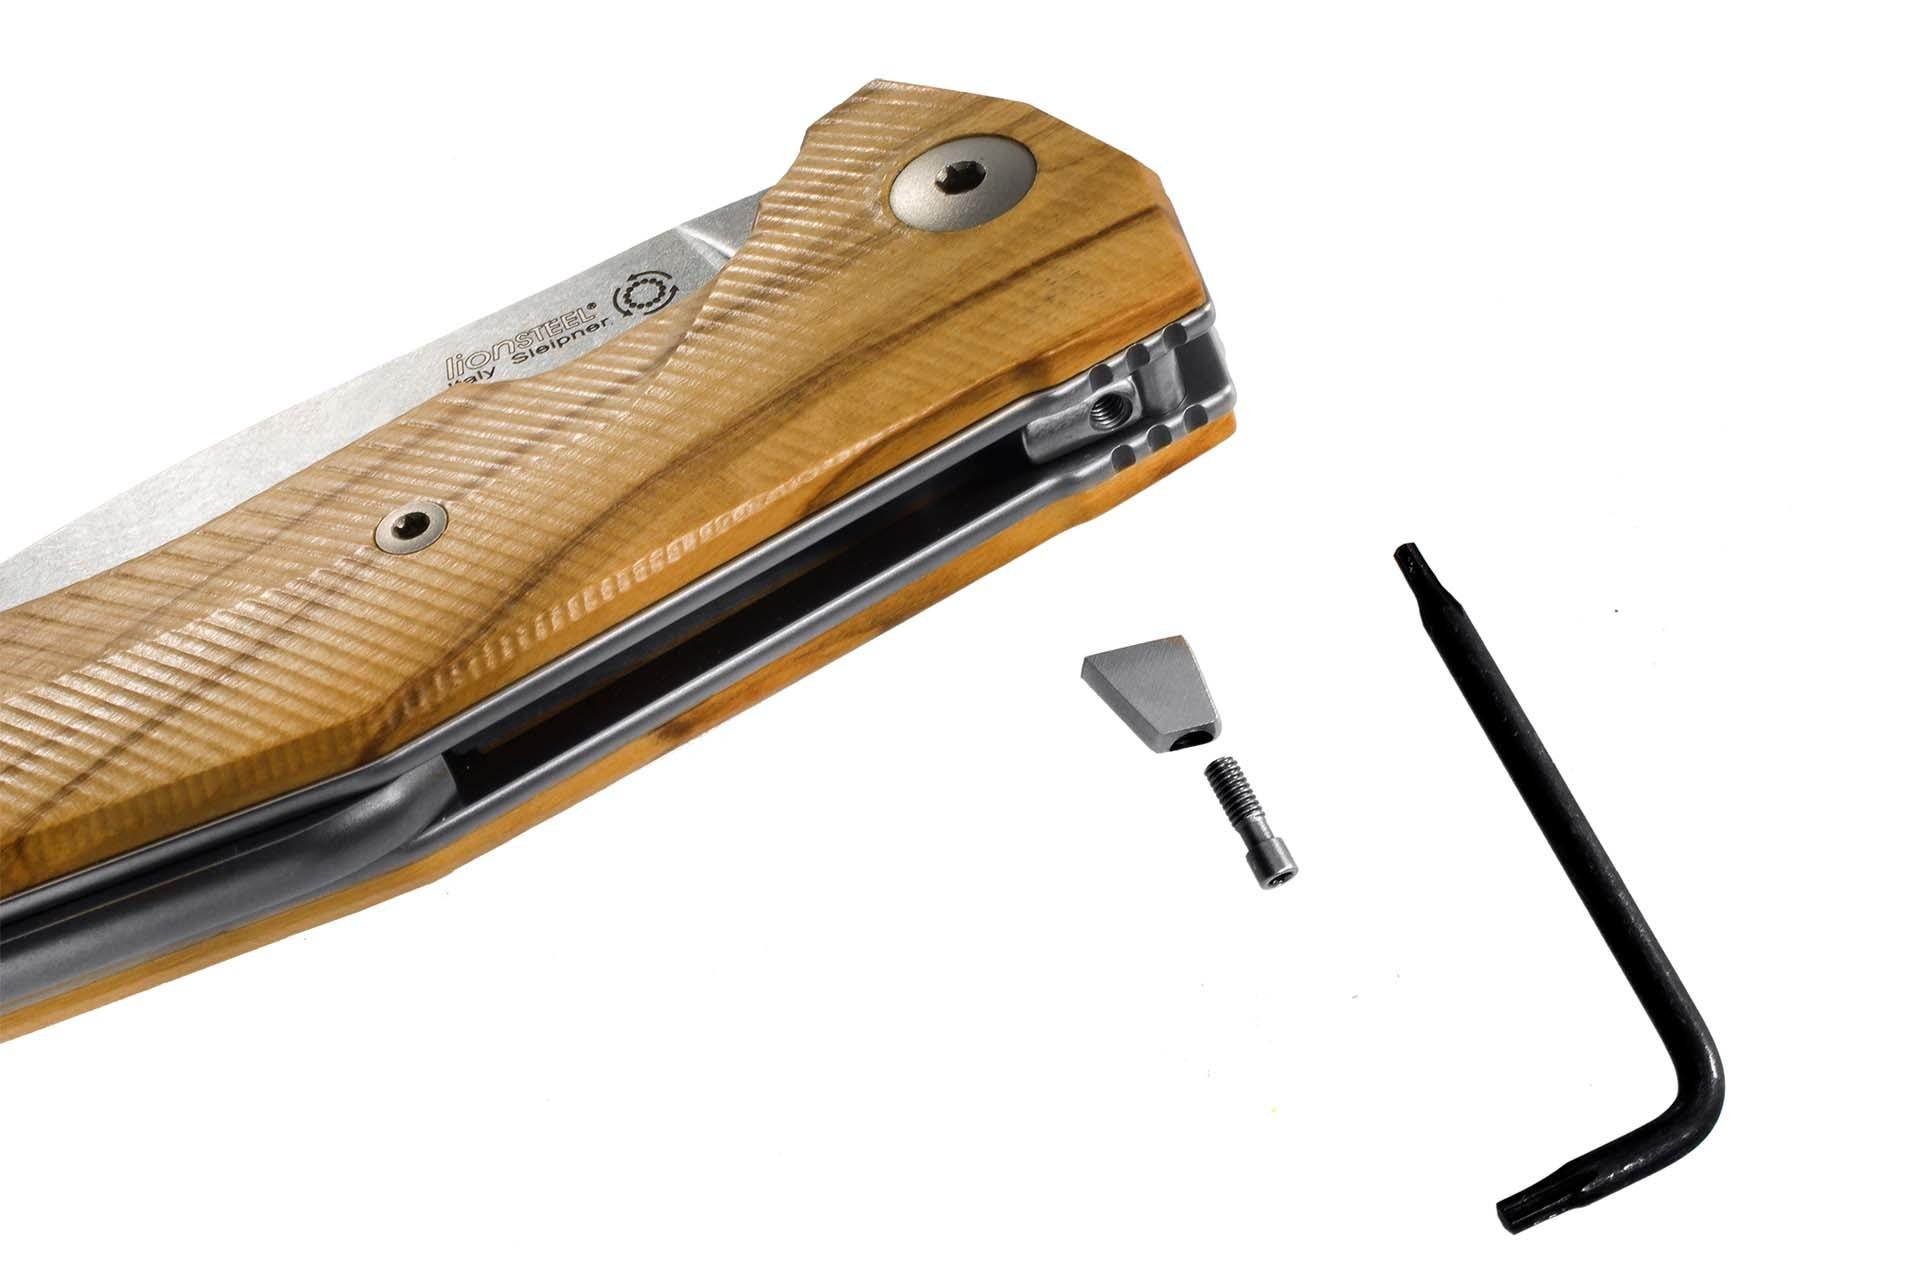 Фото 3 - Нож складной LionSteel KUR BUL Olive Wood, сталь Stonewashed & PVD-Coated Uddeholm Sleipner®, рукоять оливковое дерево от Lion Steel